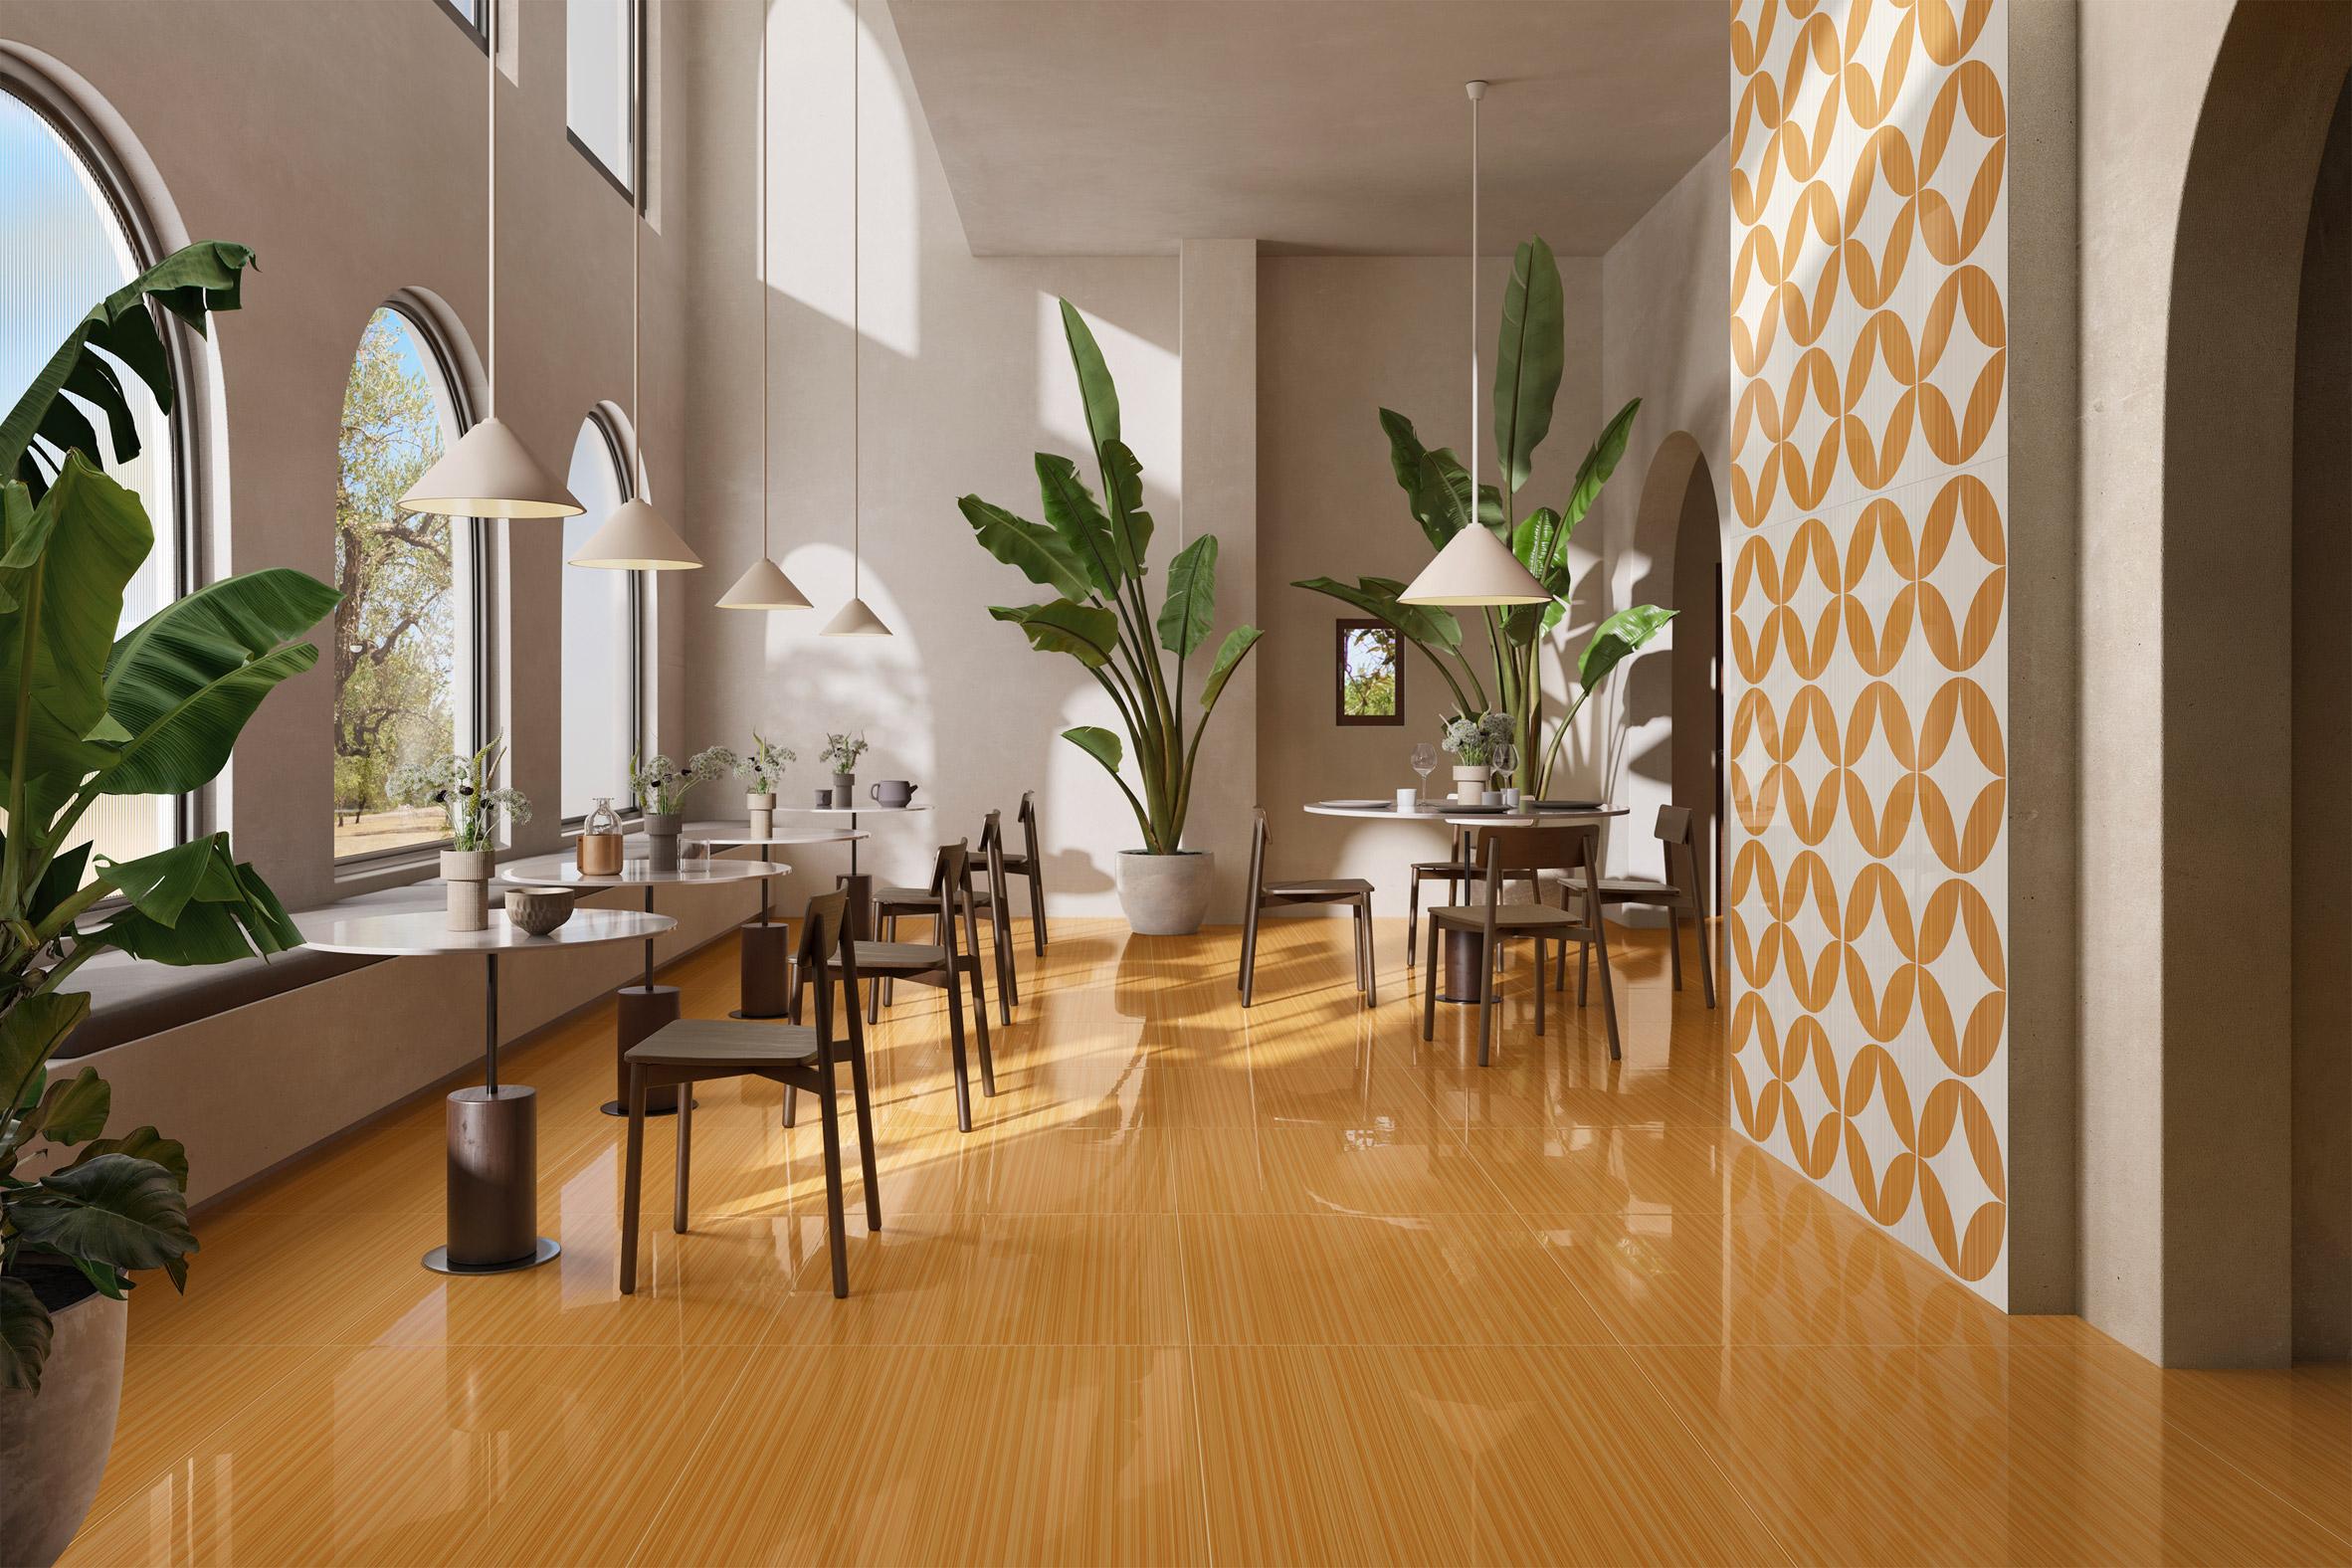 Arancio Fiore and Arancio in Riflessi tile collection by Ceramiche Refin